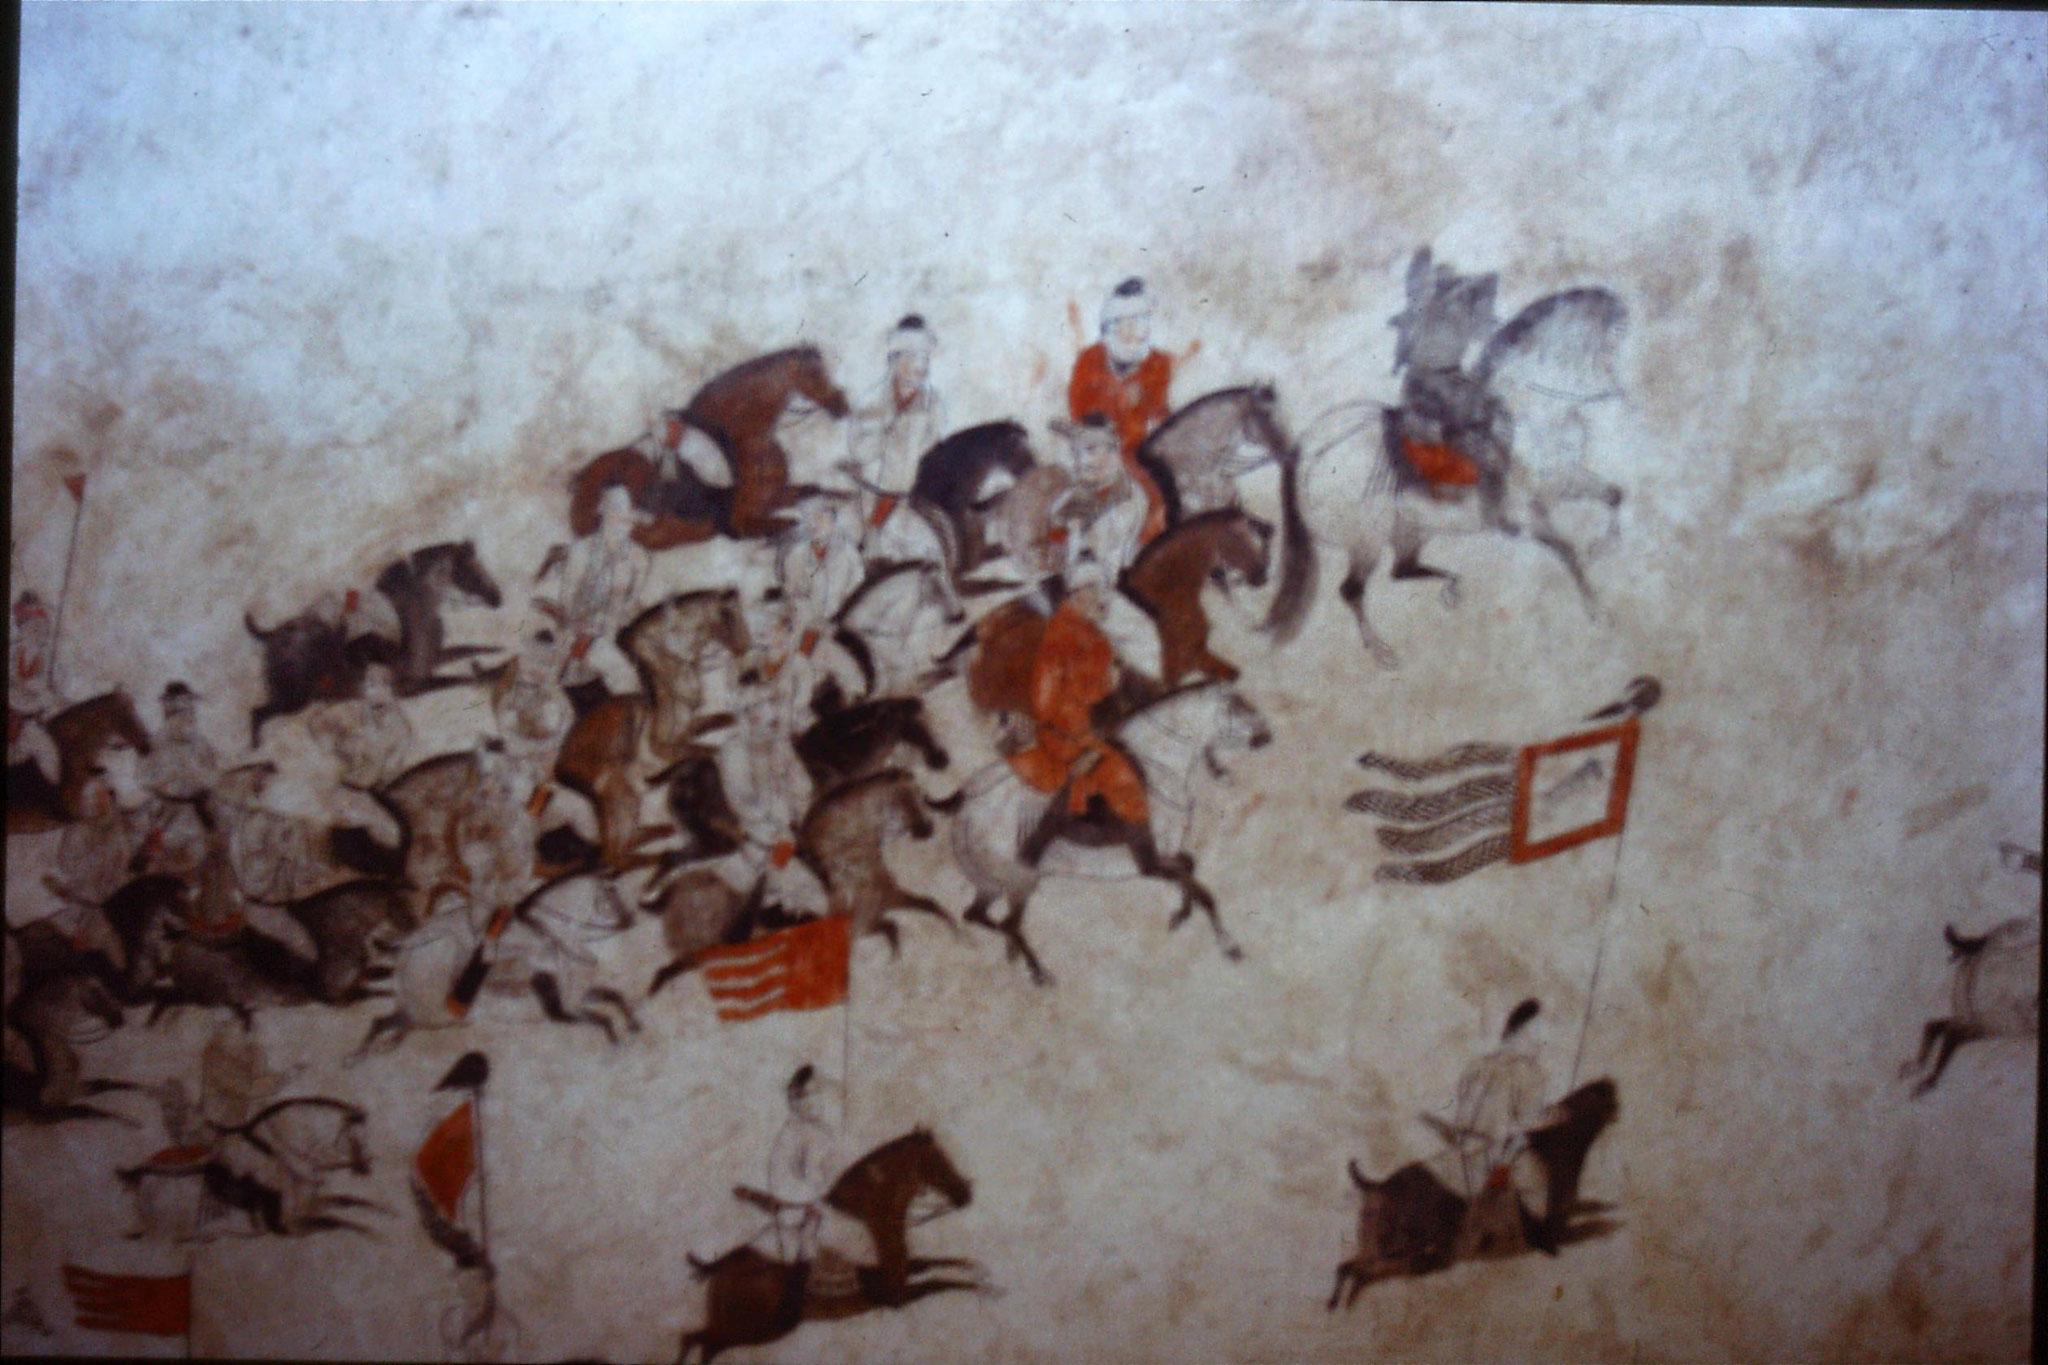 7/3/1989: 29: Zhang Huai tomb fresco